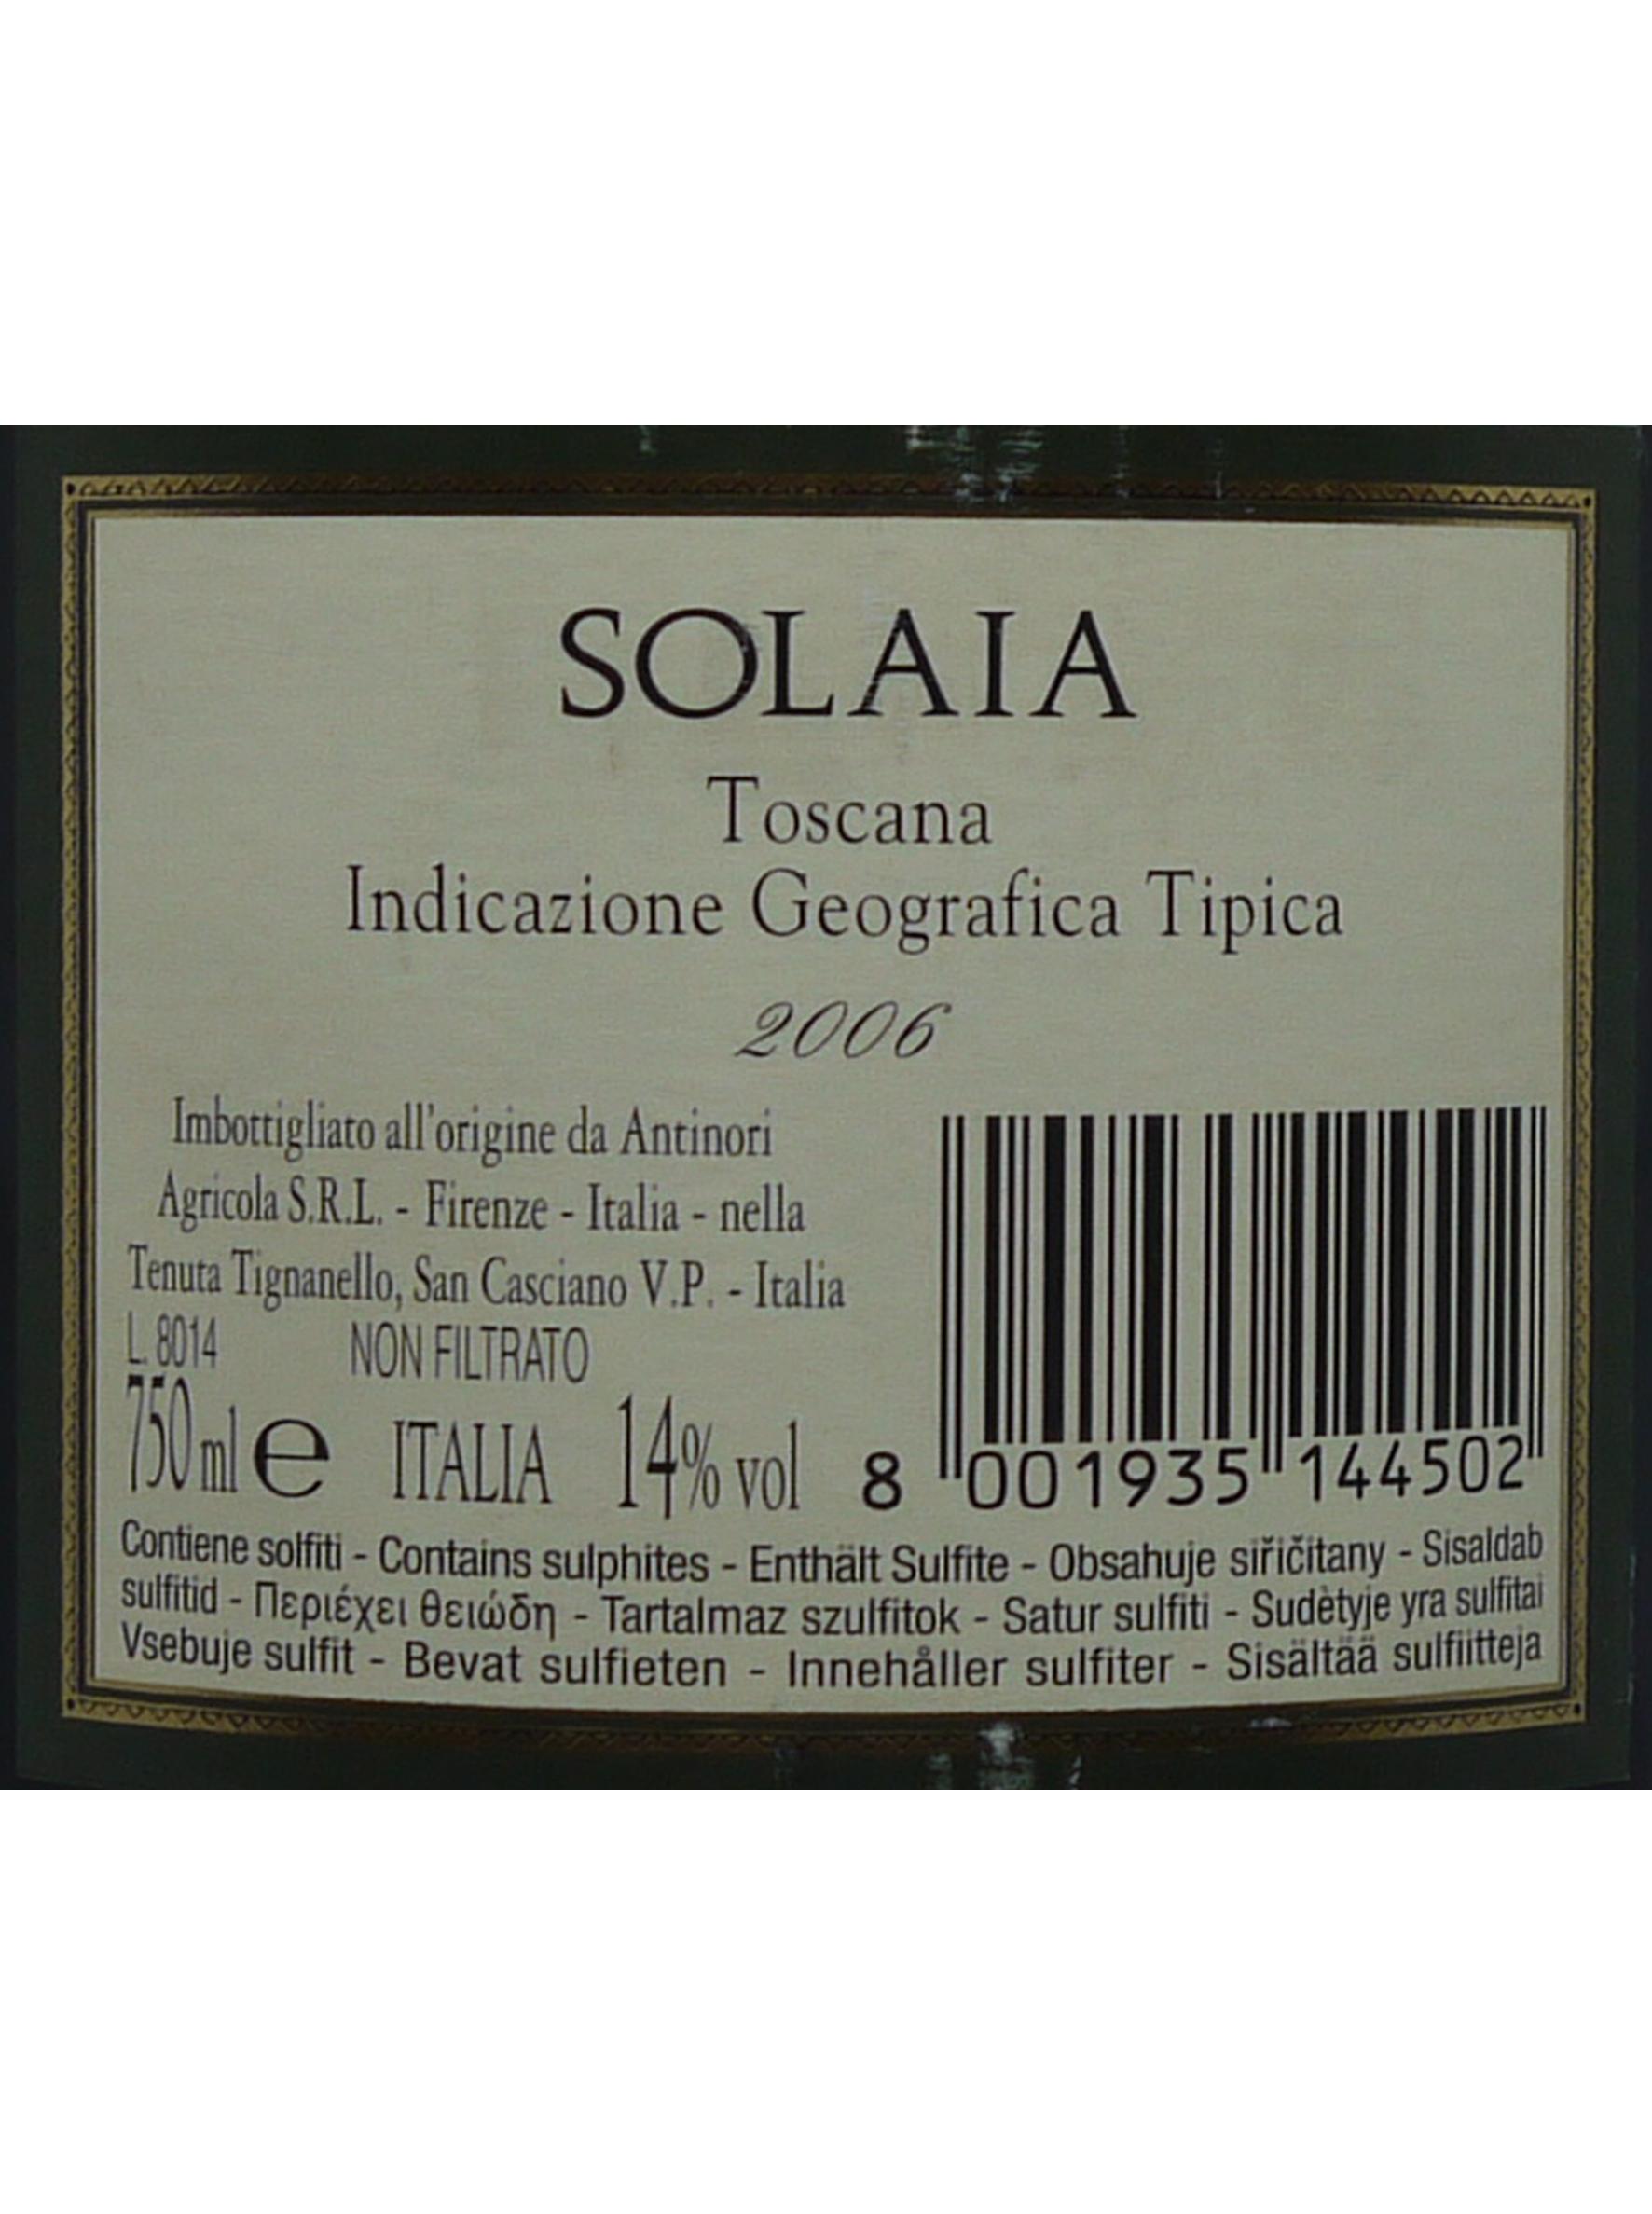 Solaia2006_2